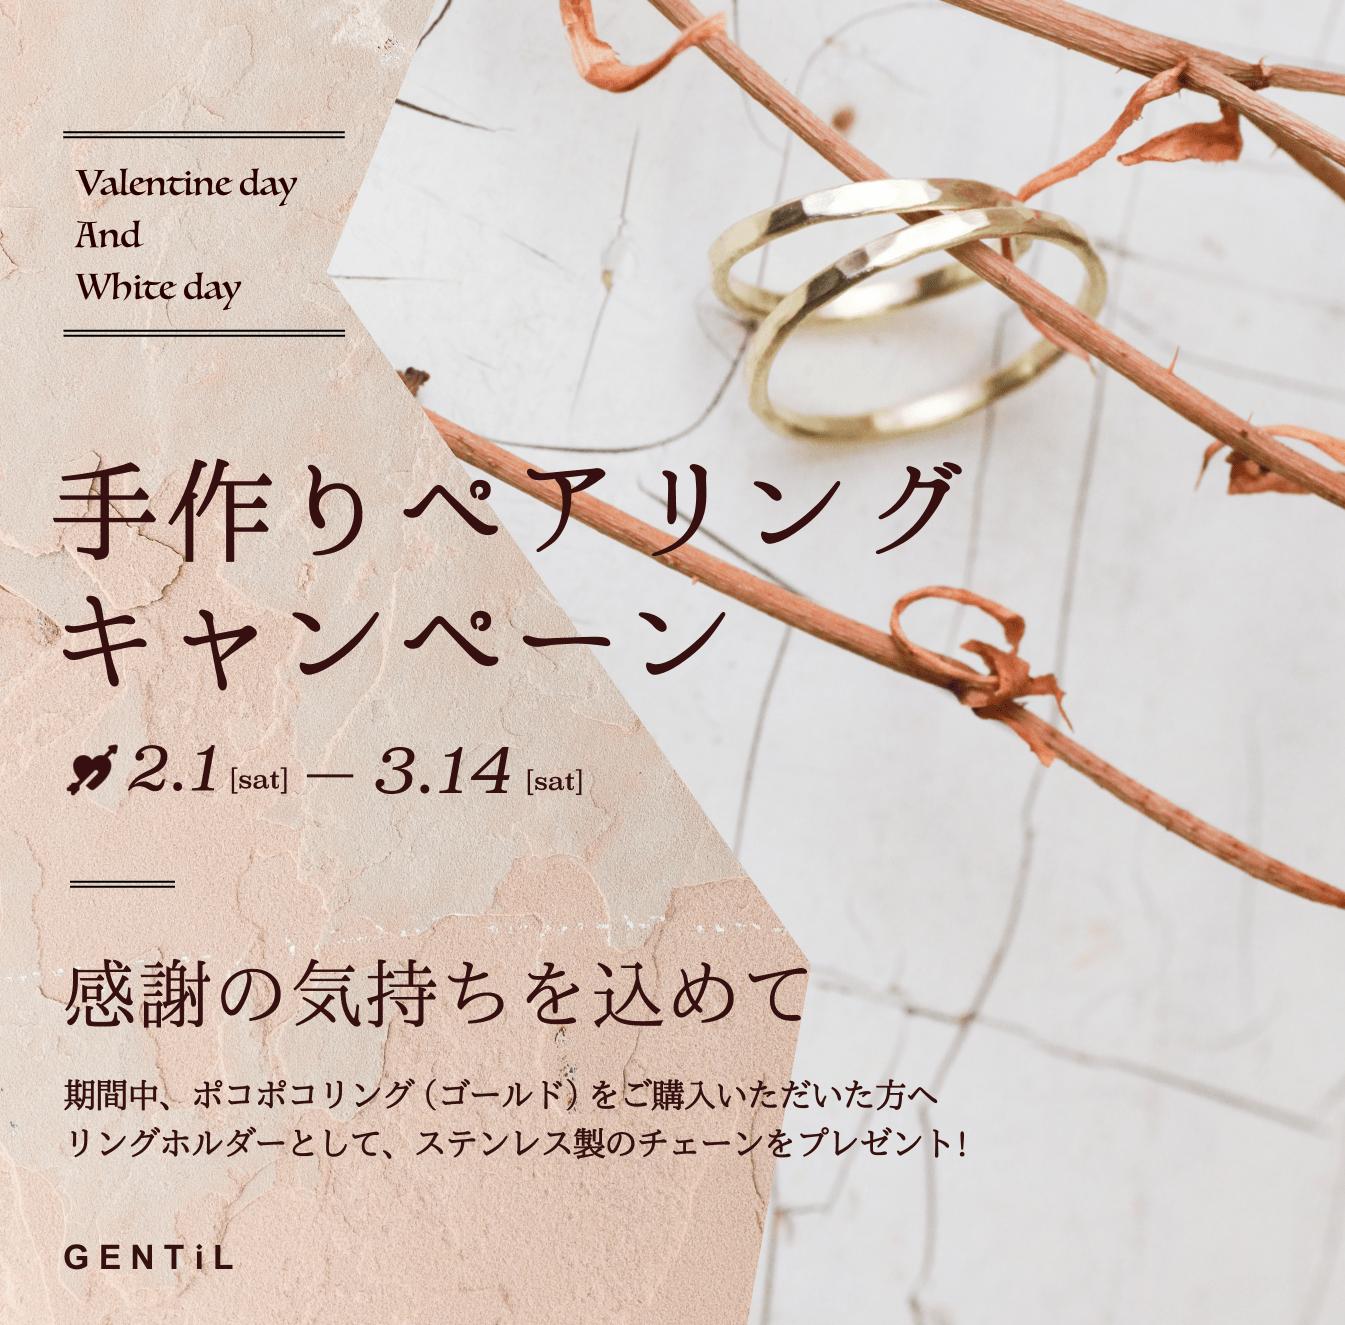 ジャンティールスタッフブログ「バレンタインデー&ホワイトデーに手作り指輪体験をプレゼント!」